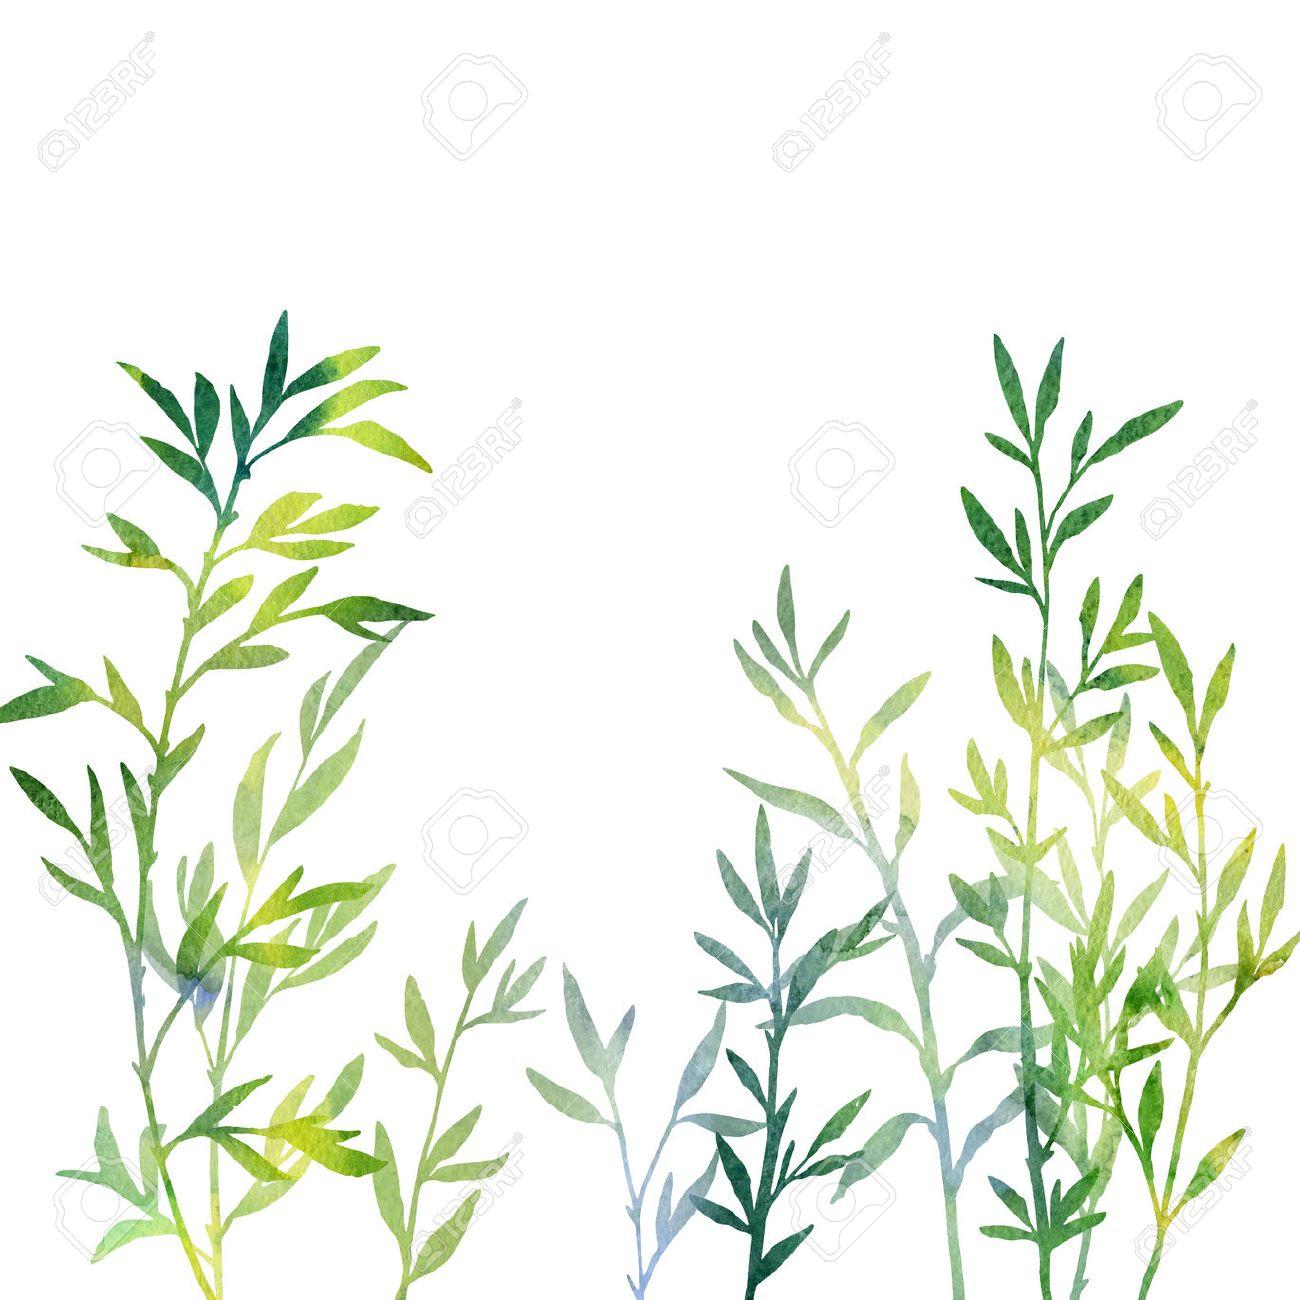 Fourré De Branches Avec Des Feuilles De Dessin à Laquarelle Les Pousses De Bambou Vert Tiré Par La Main Illustration Artistique